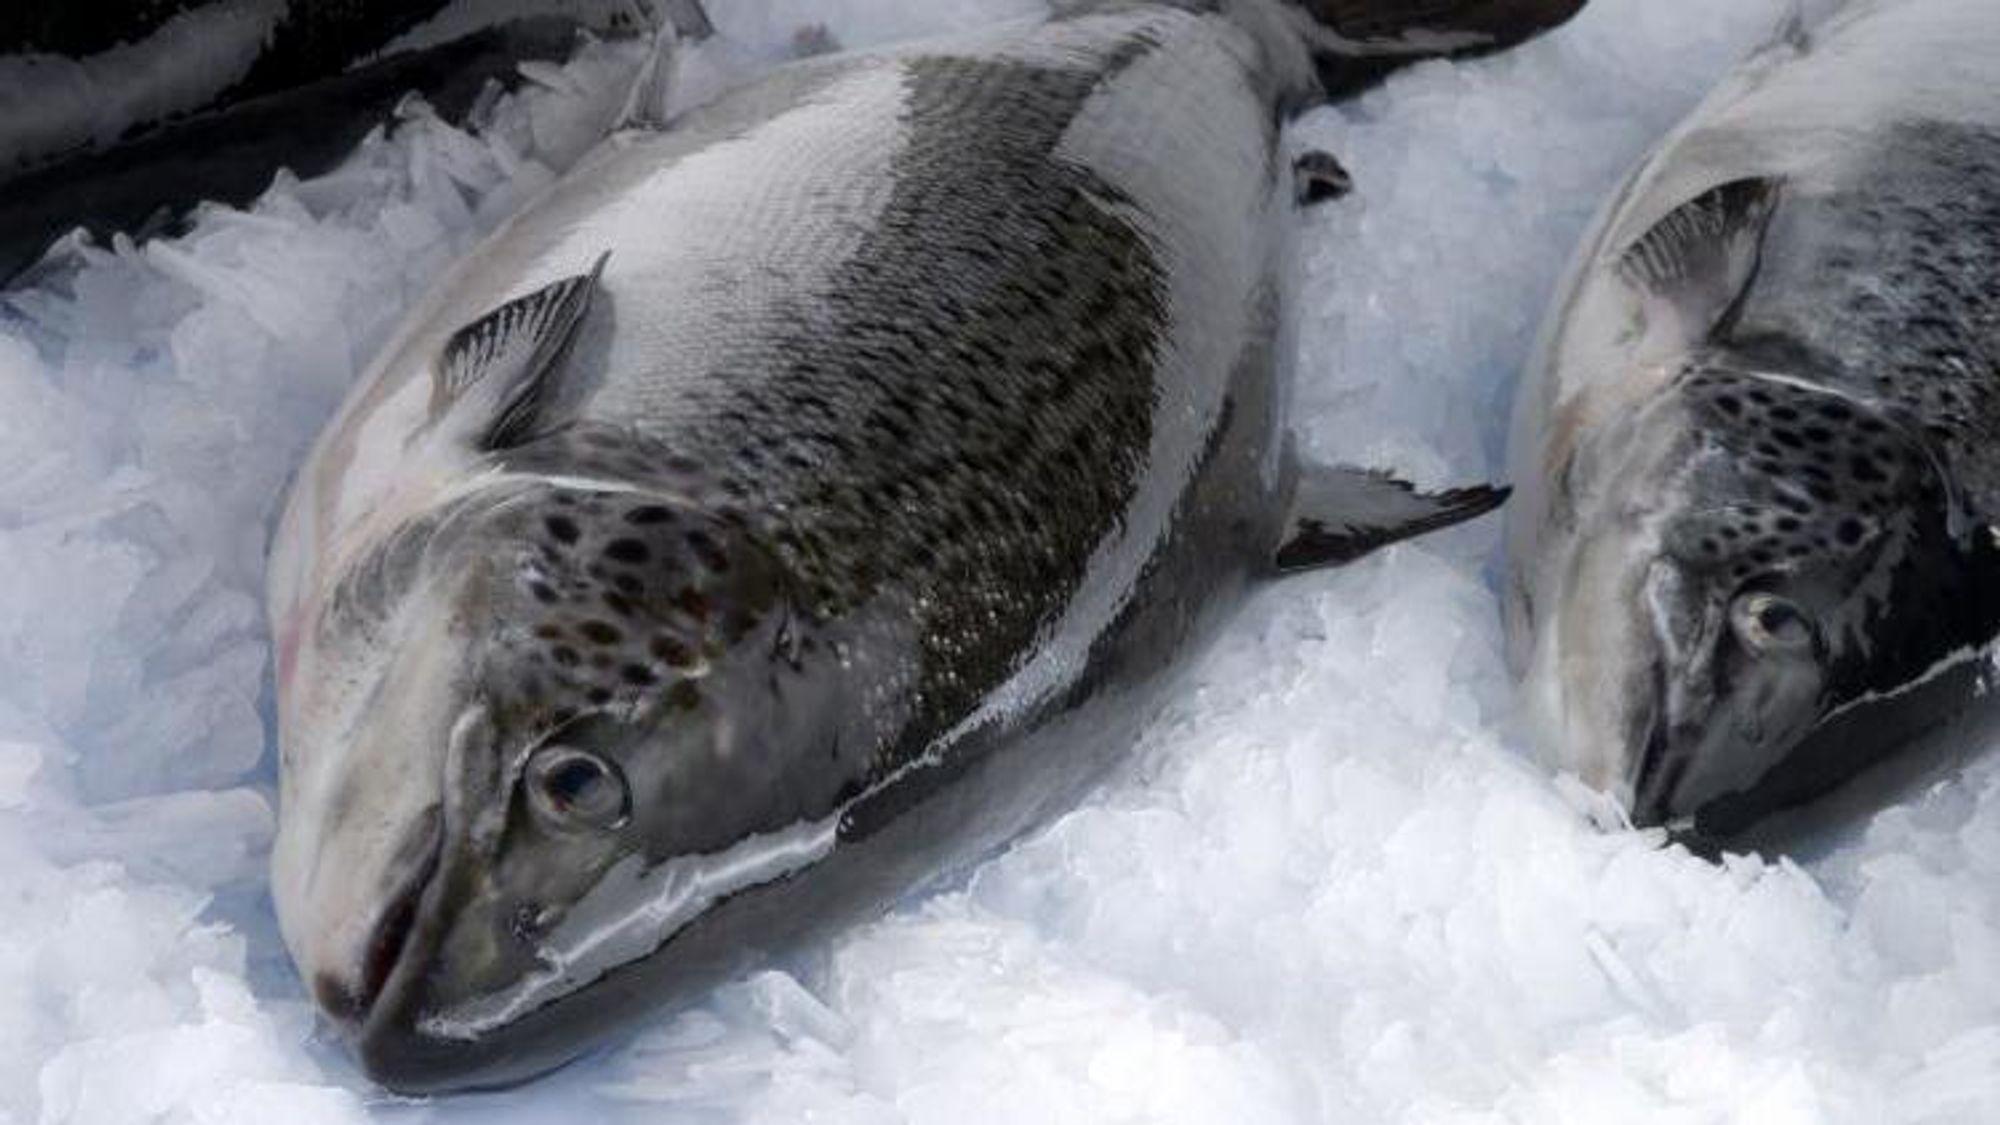 Piscirickettsia er ein type bakterie som gøymer seg inne i sjølve immuncellene til fisken. Det gjer det vanskelegare å utvikla vaksinar mot dei.